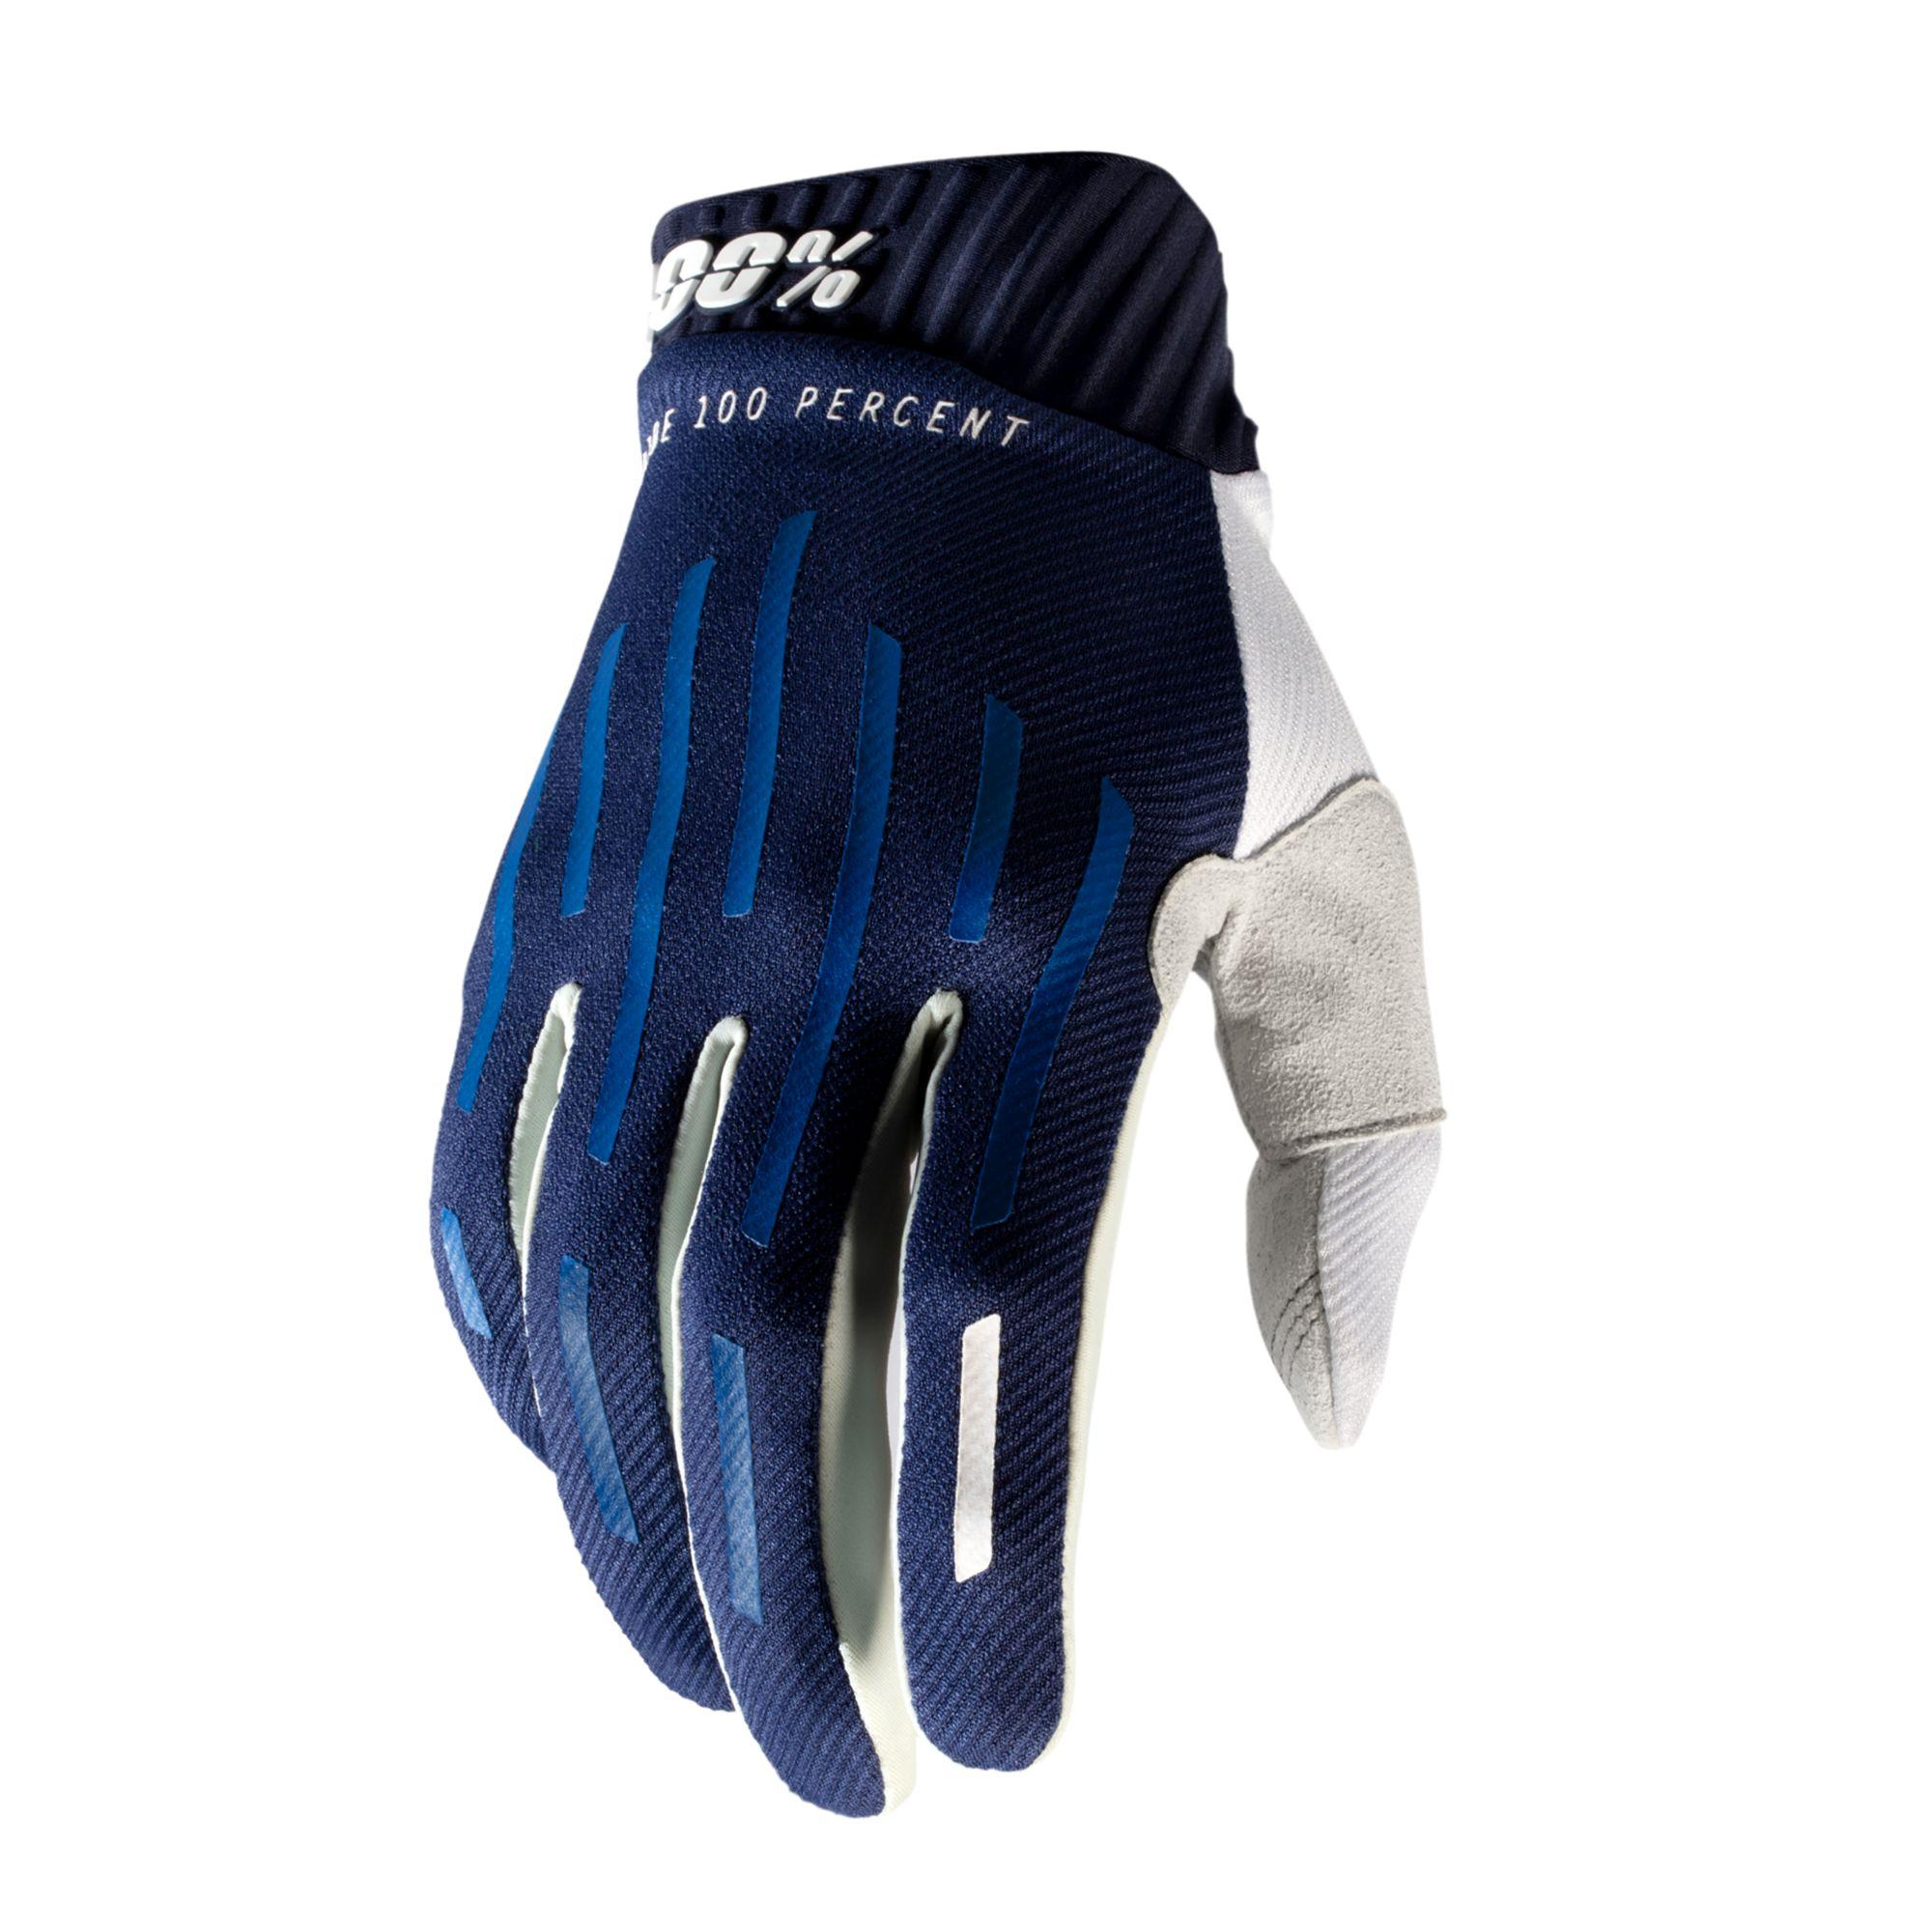 RIDEFIT Glove Navy